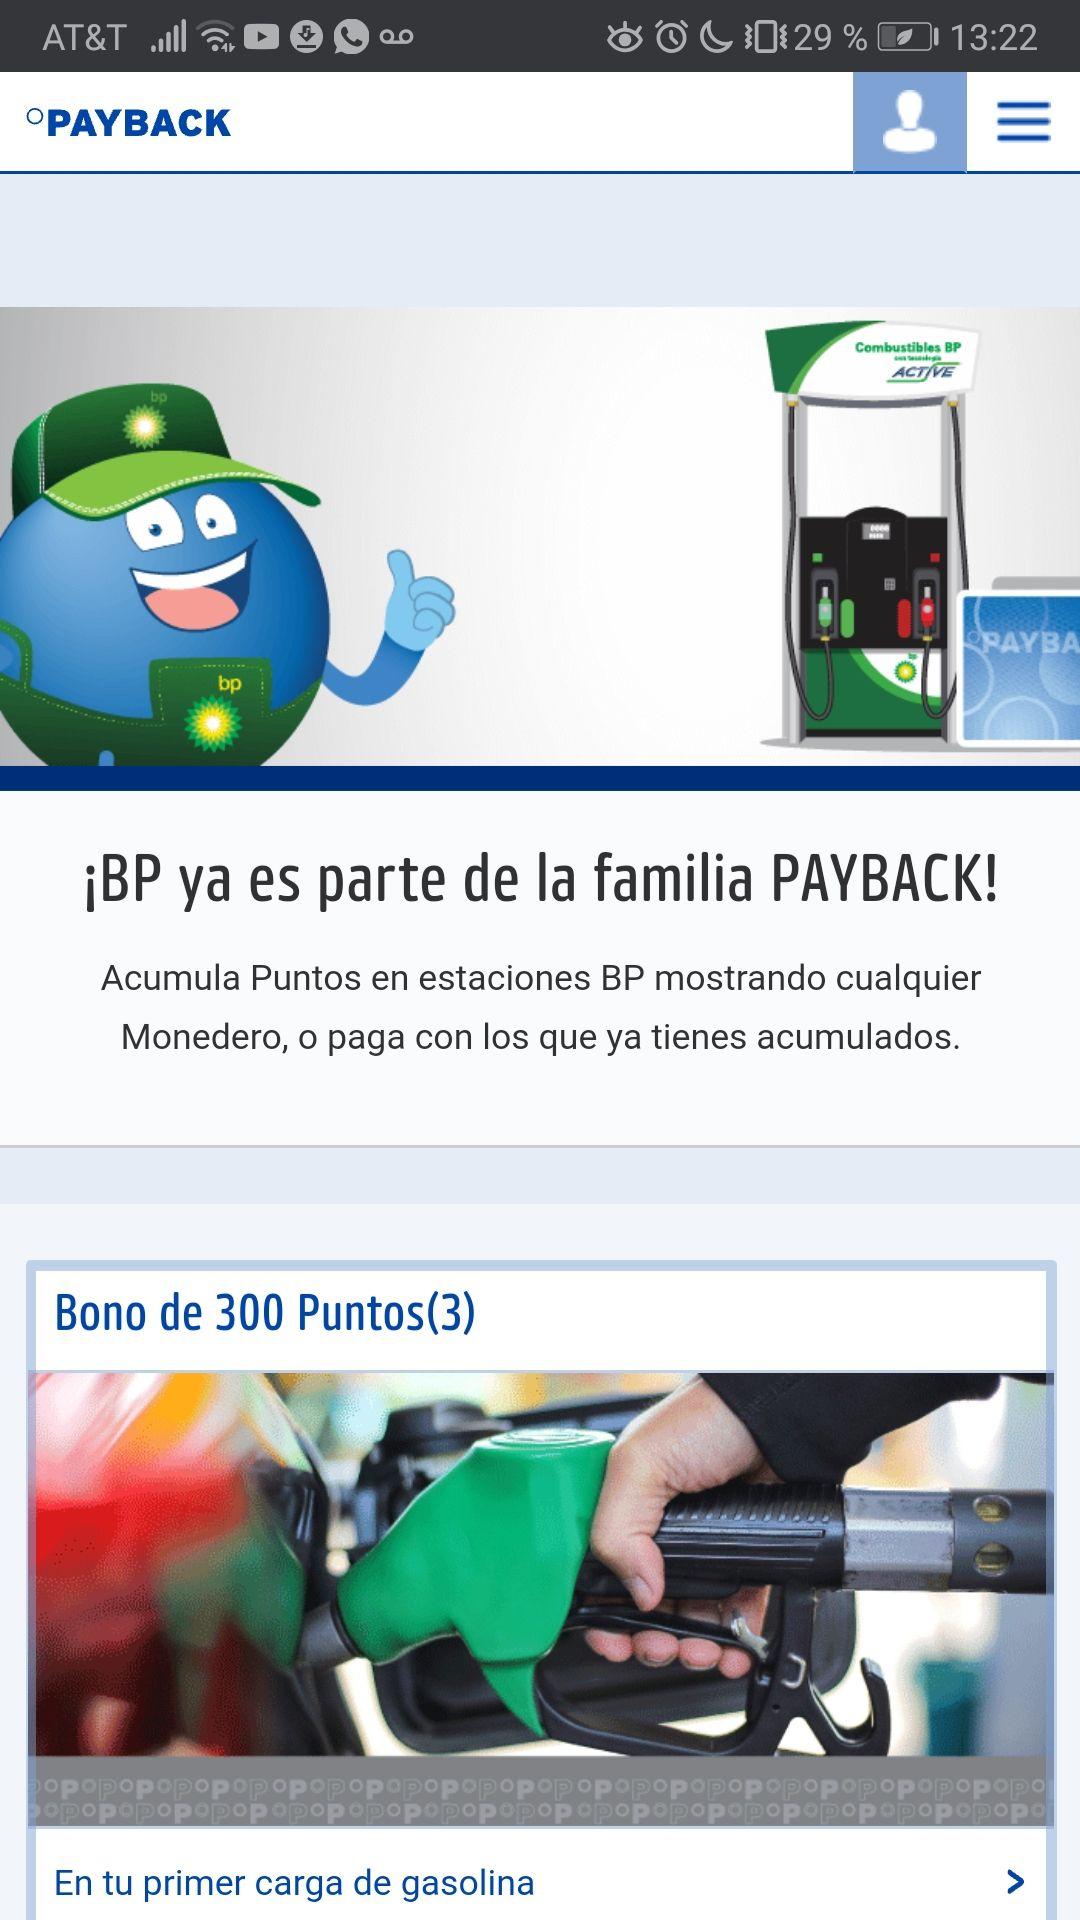 PAYBACK: 300 puntos en Gasolineras BP (primera compra)